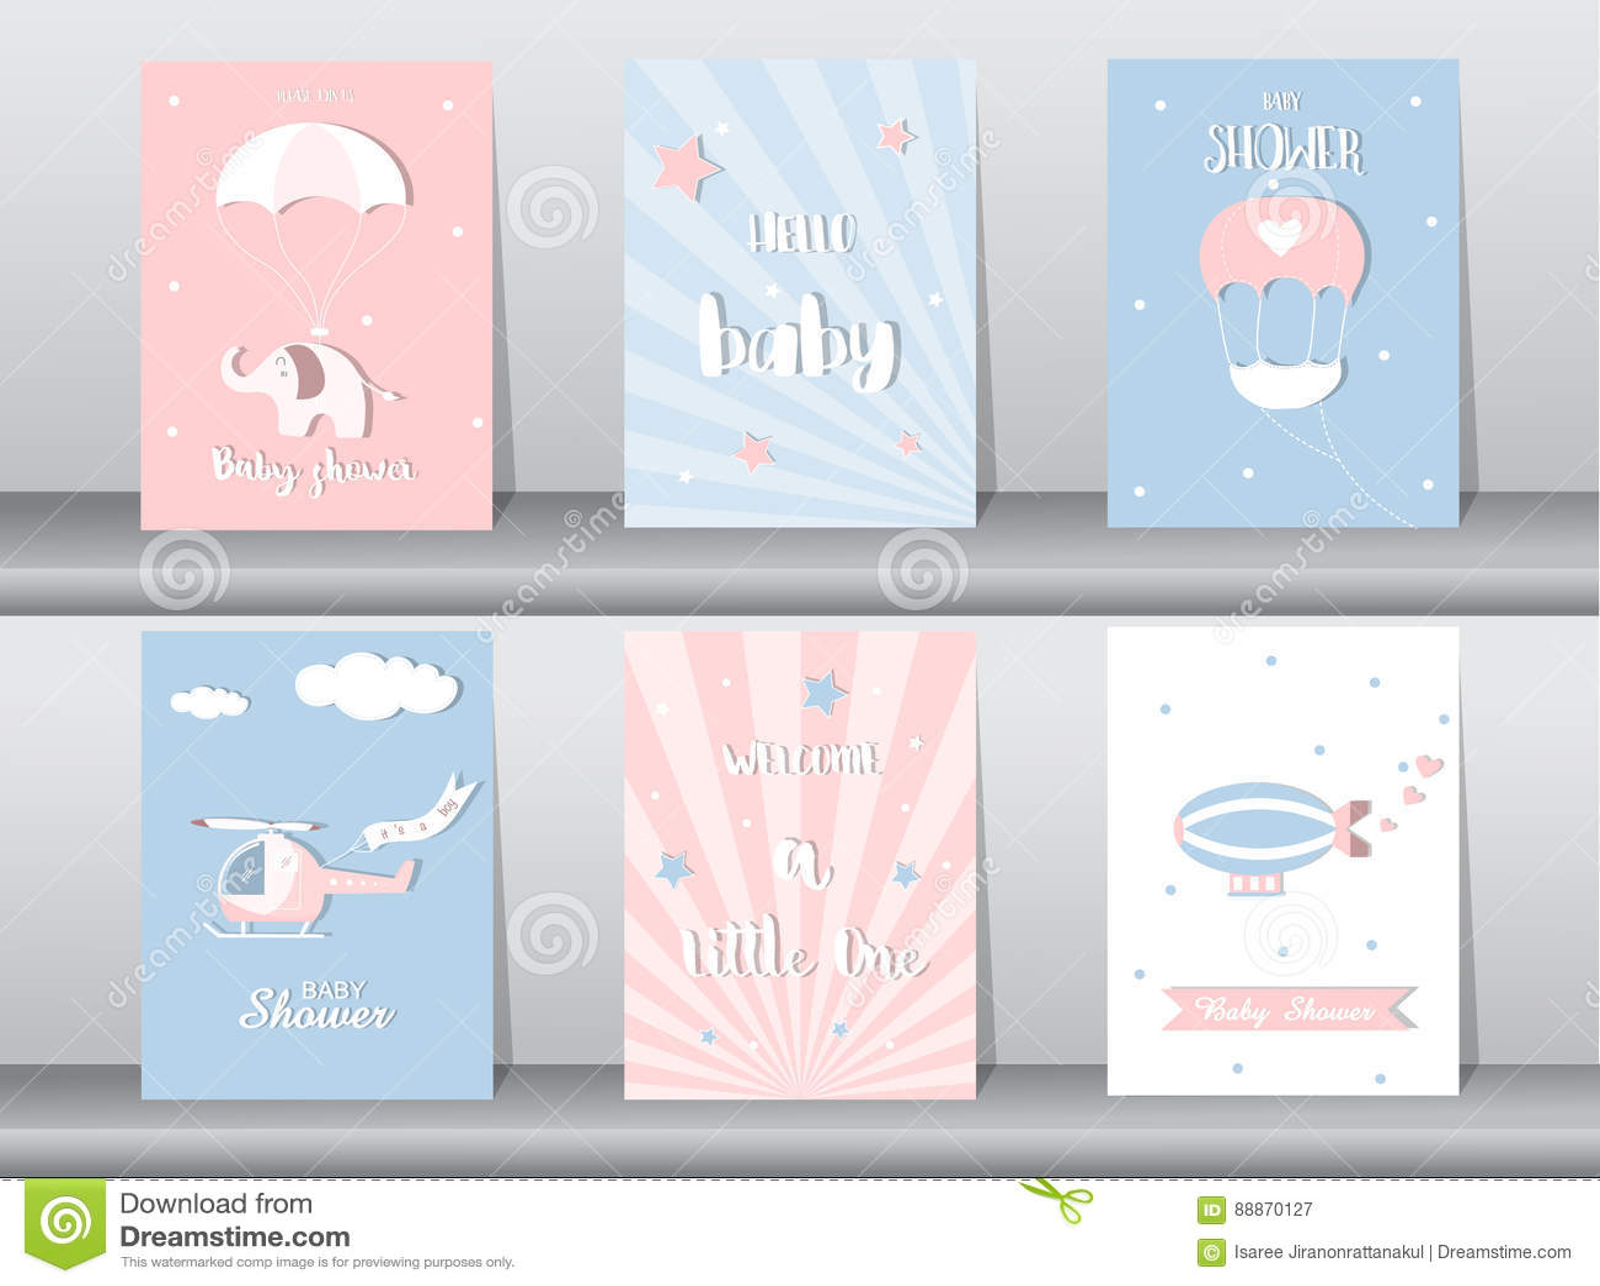 Set of baby shower invitation cardsbirthday cardspostertemplate set of baby shower invitation cardsbirthday cardspostertemplategreeting cards filmwisefo